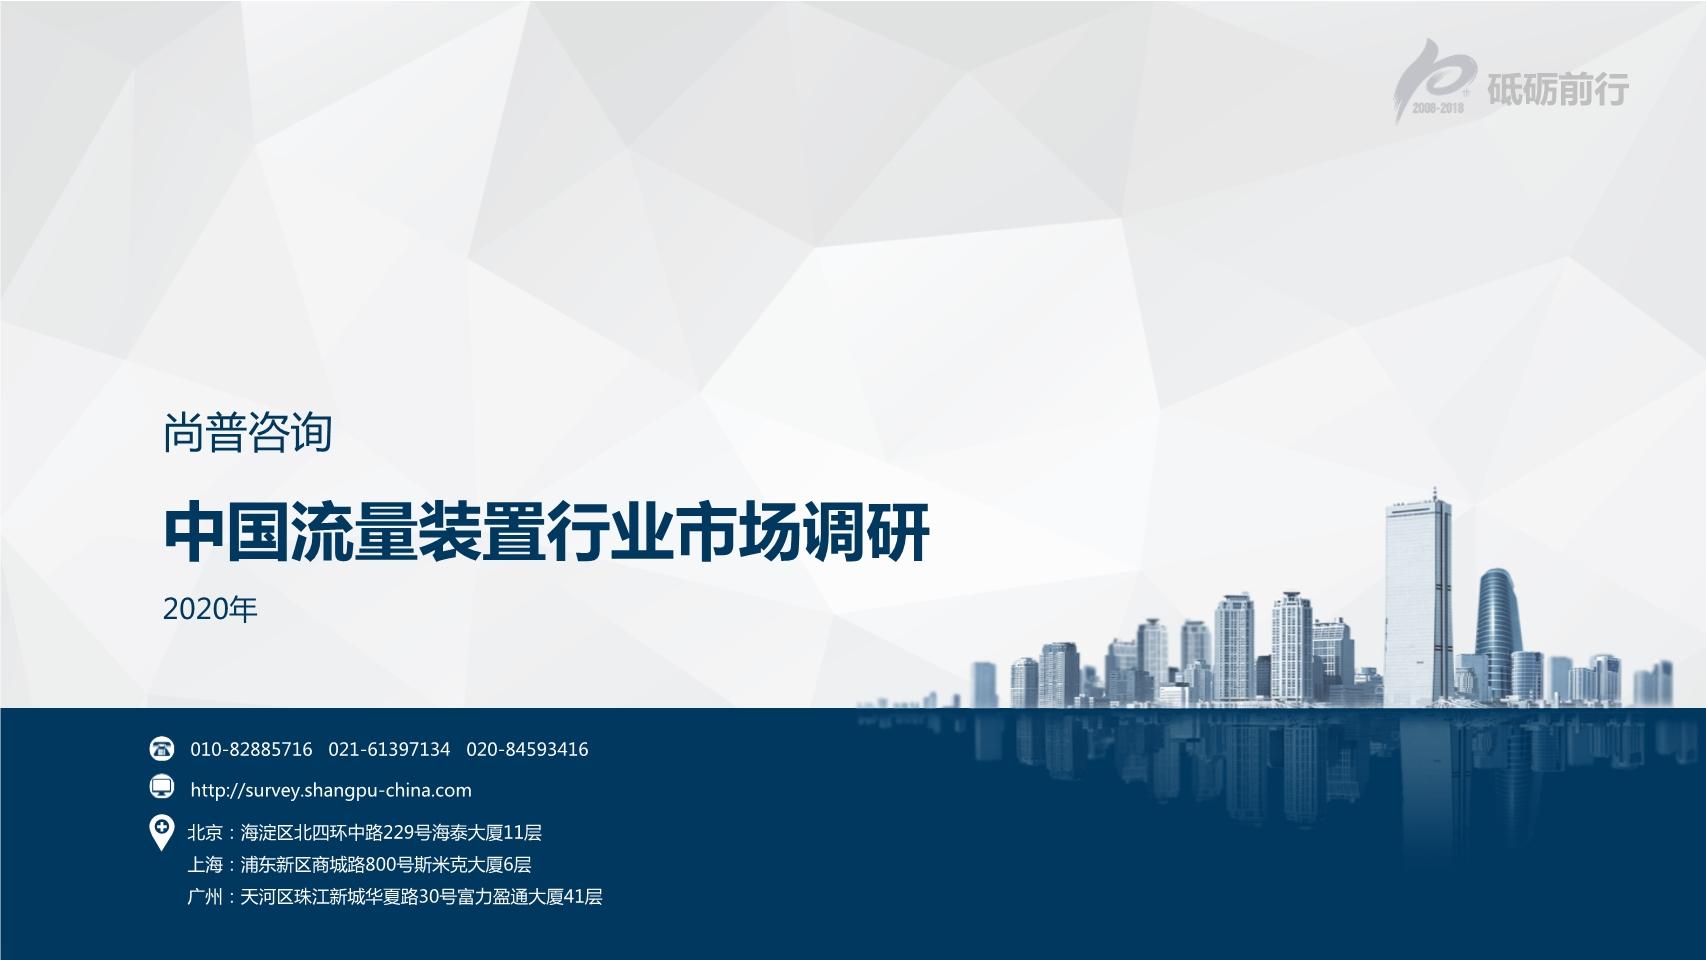 尚普咨询-2020年中国计量装置行业市场调研